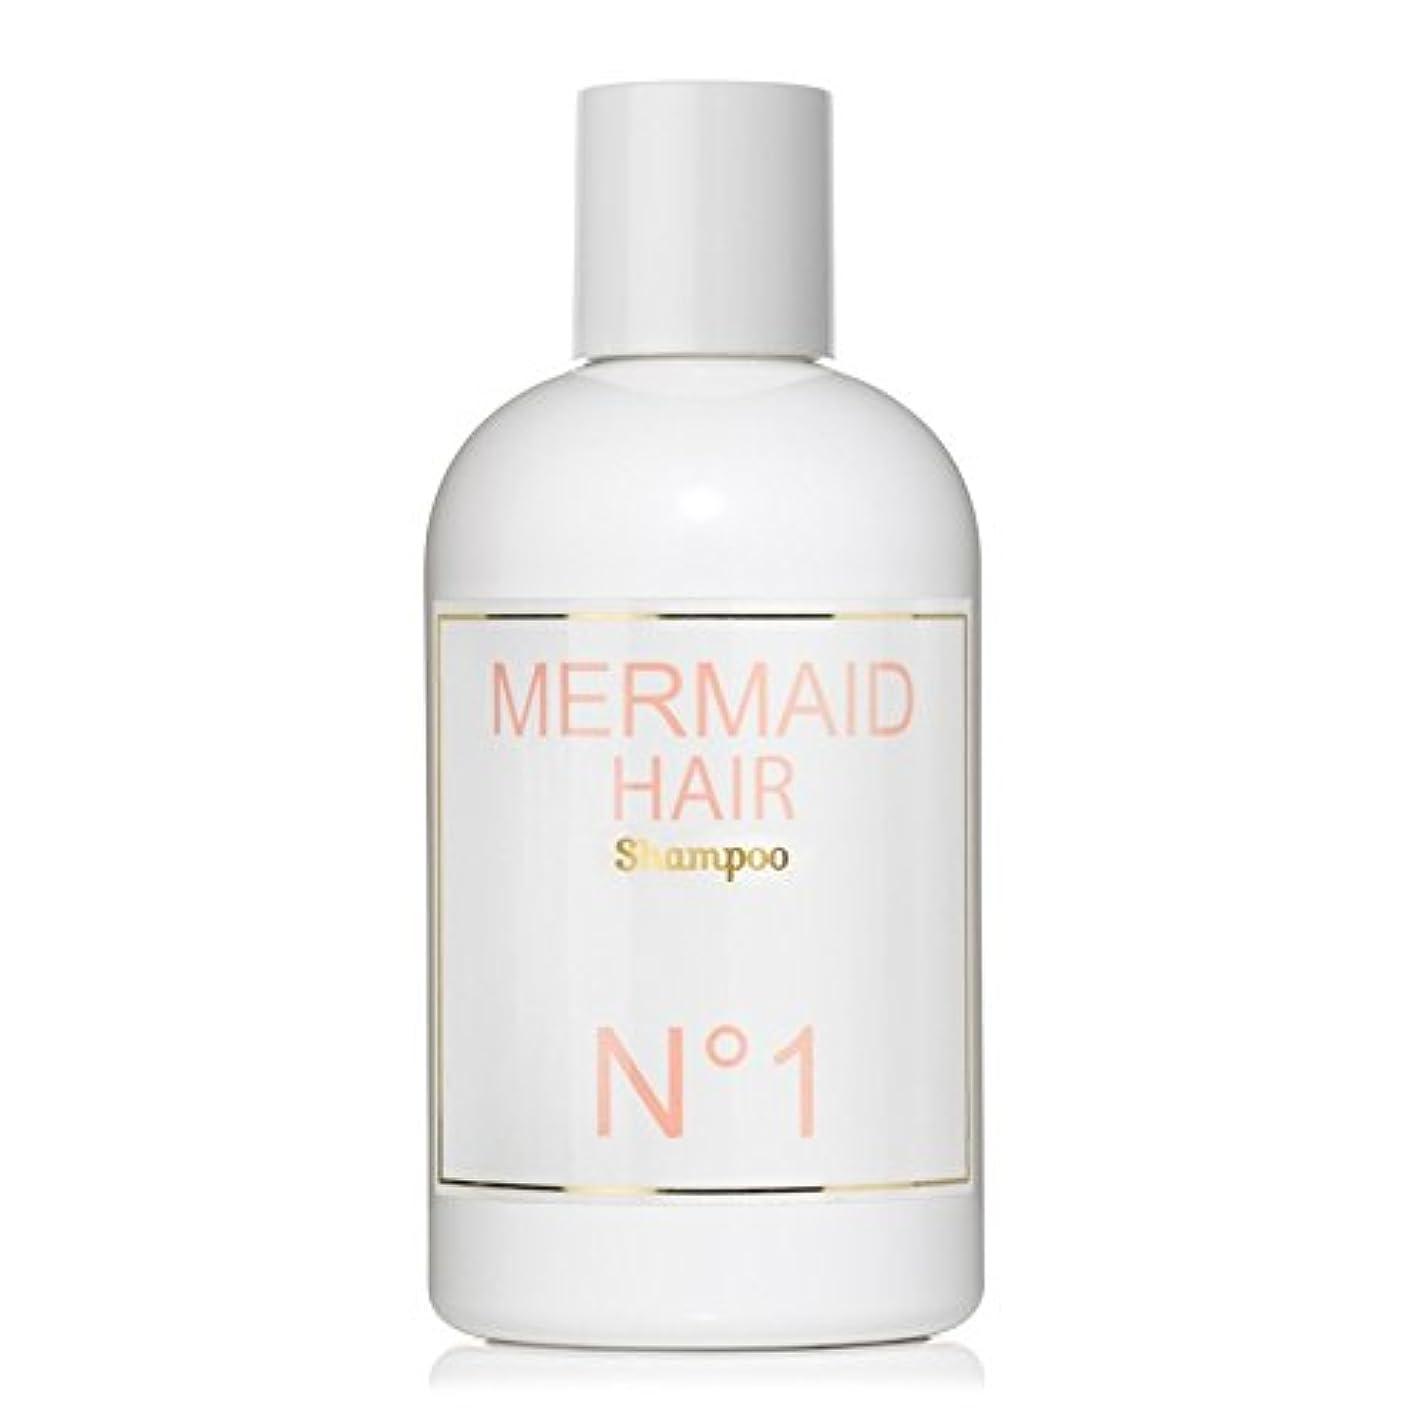 ぺディカブ不満ドラッグMermaid Perfume Mermaid Shampoo 237ml (Pack of 6) - 人魚香水人魚のシャンプー237ミリリットル x6 [並行輸入品]